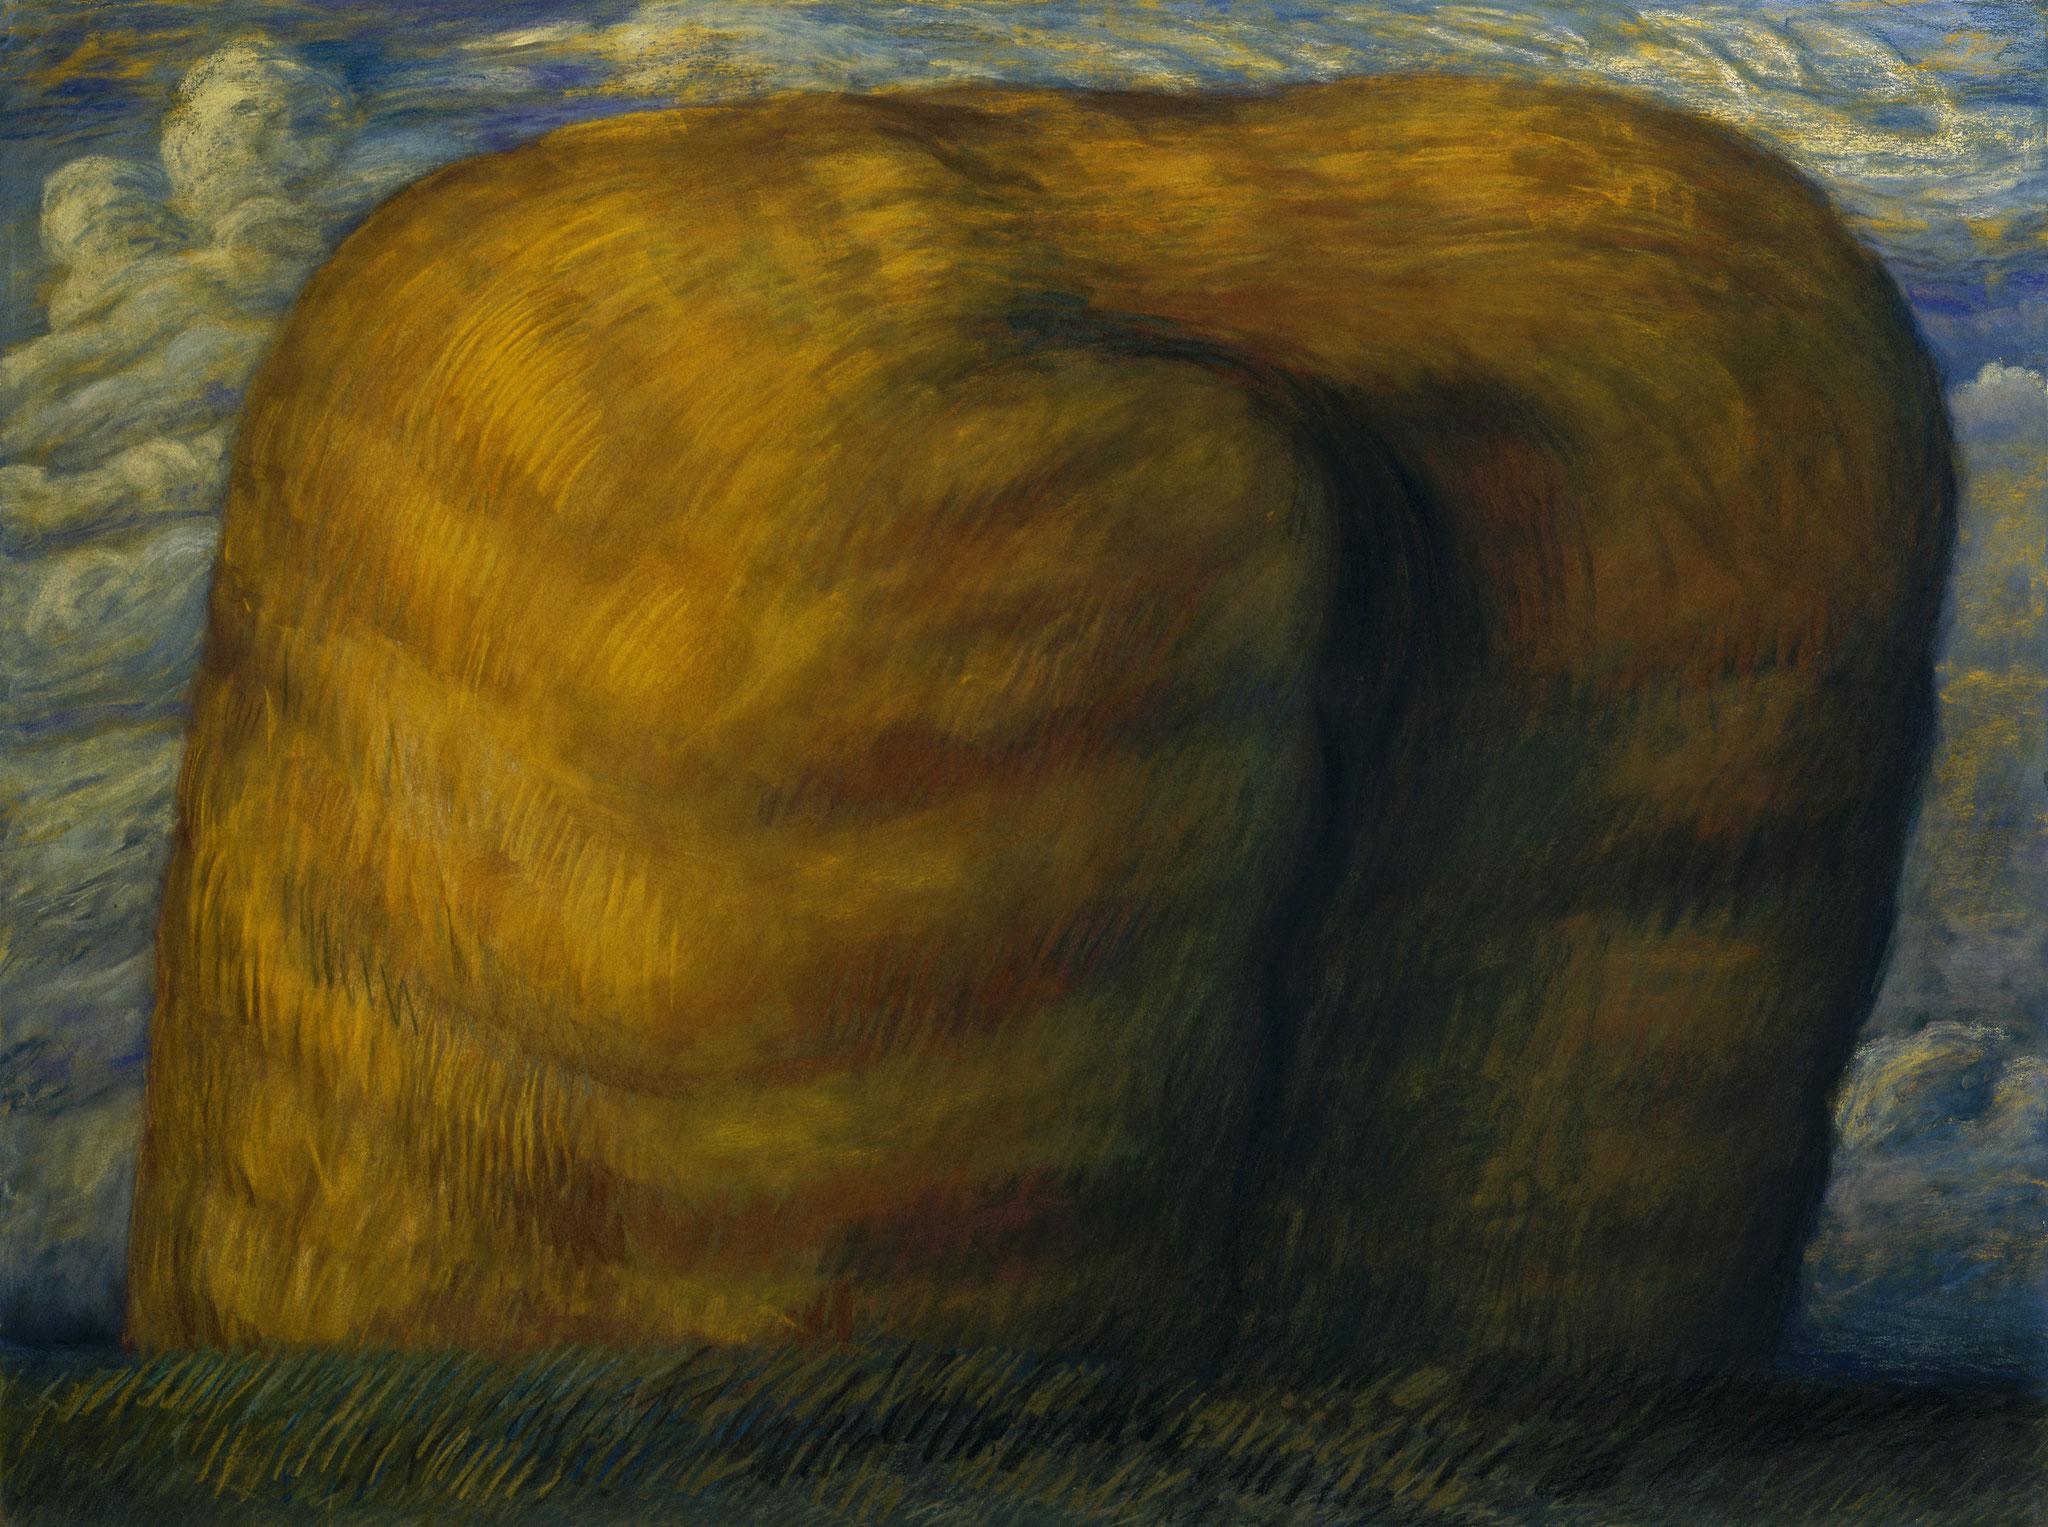 1996. 120 x 160 cm. Pastel sur papier préparé marouflé sur toile.